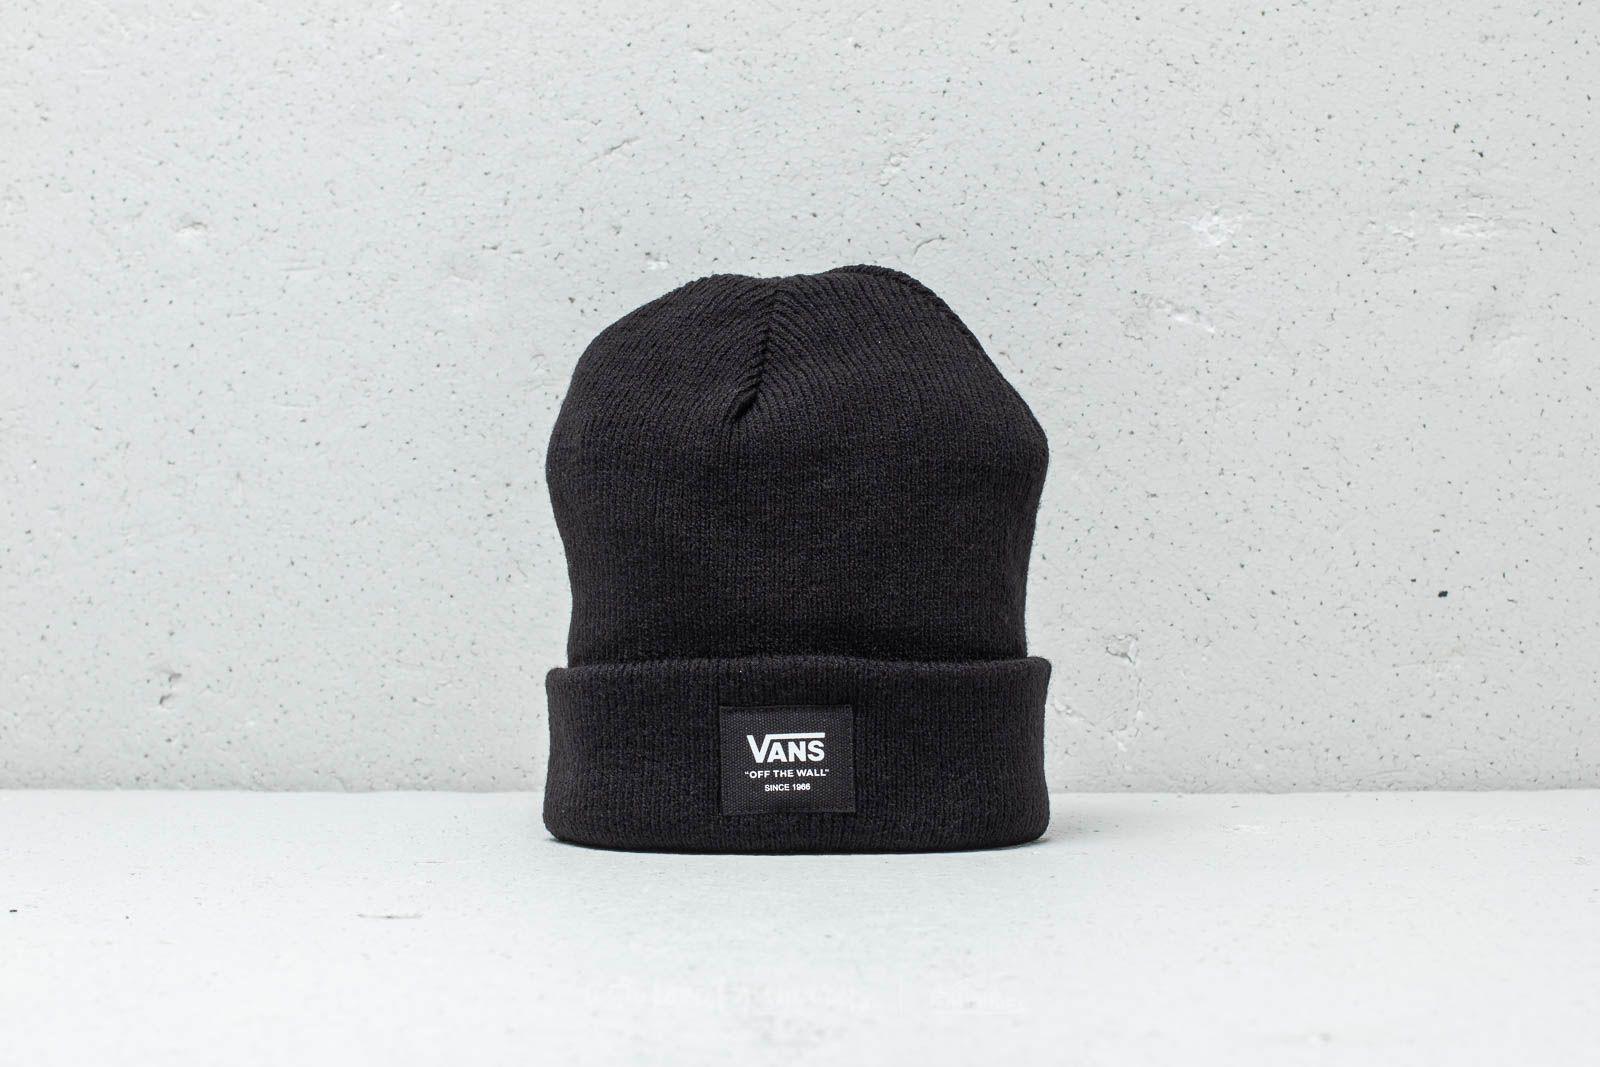 Vans Mte Cuff Beanie Black  75f4a0b7946